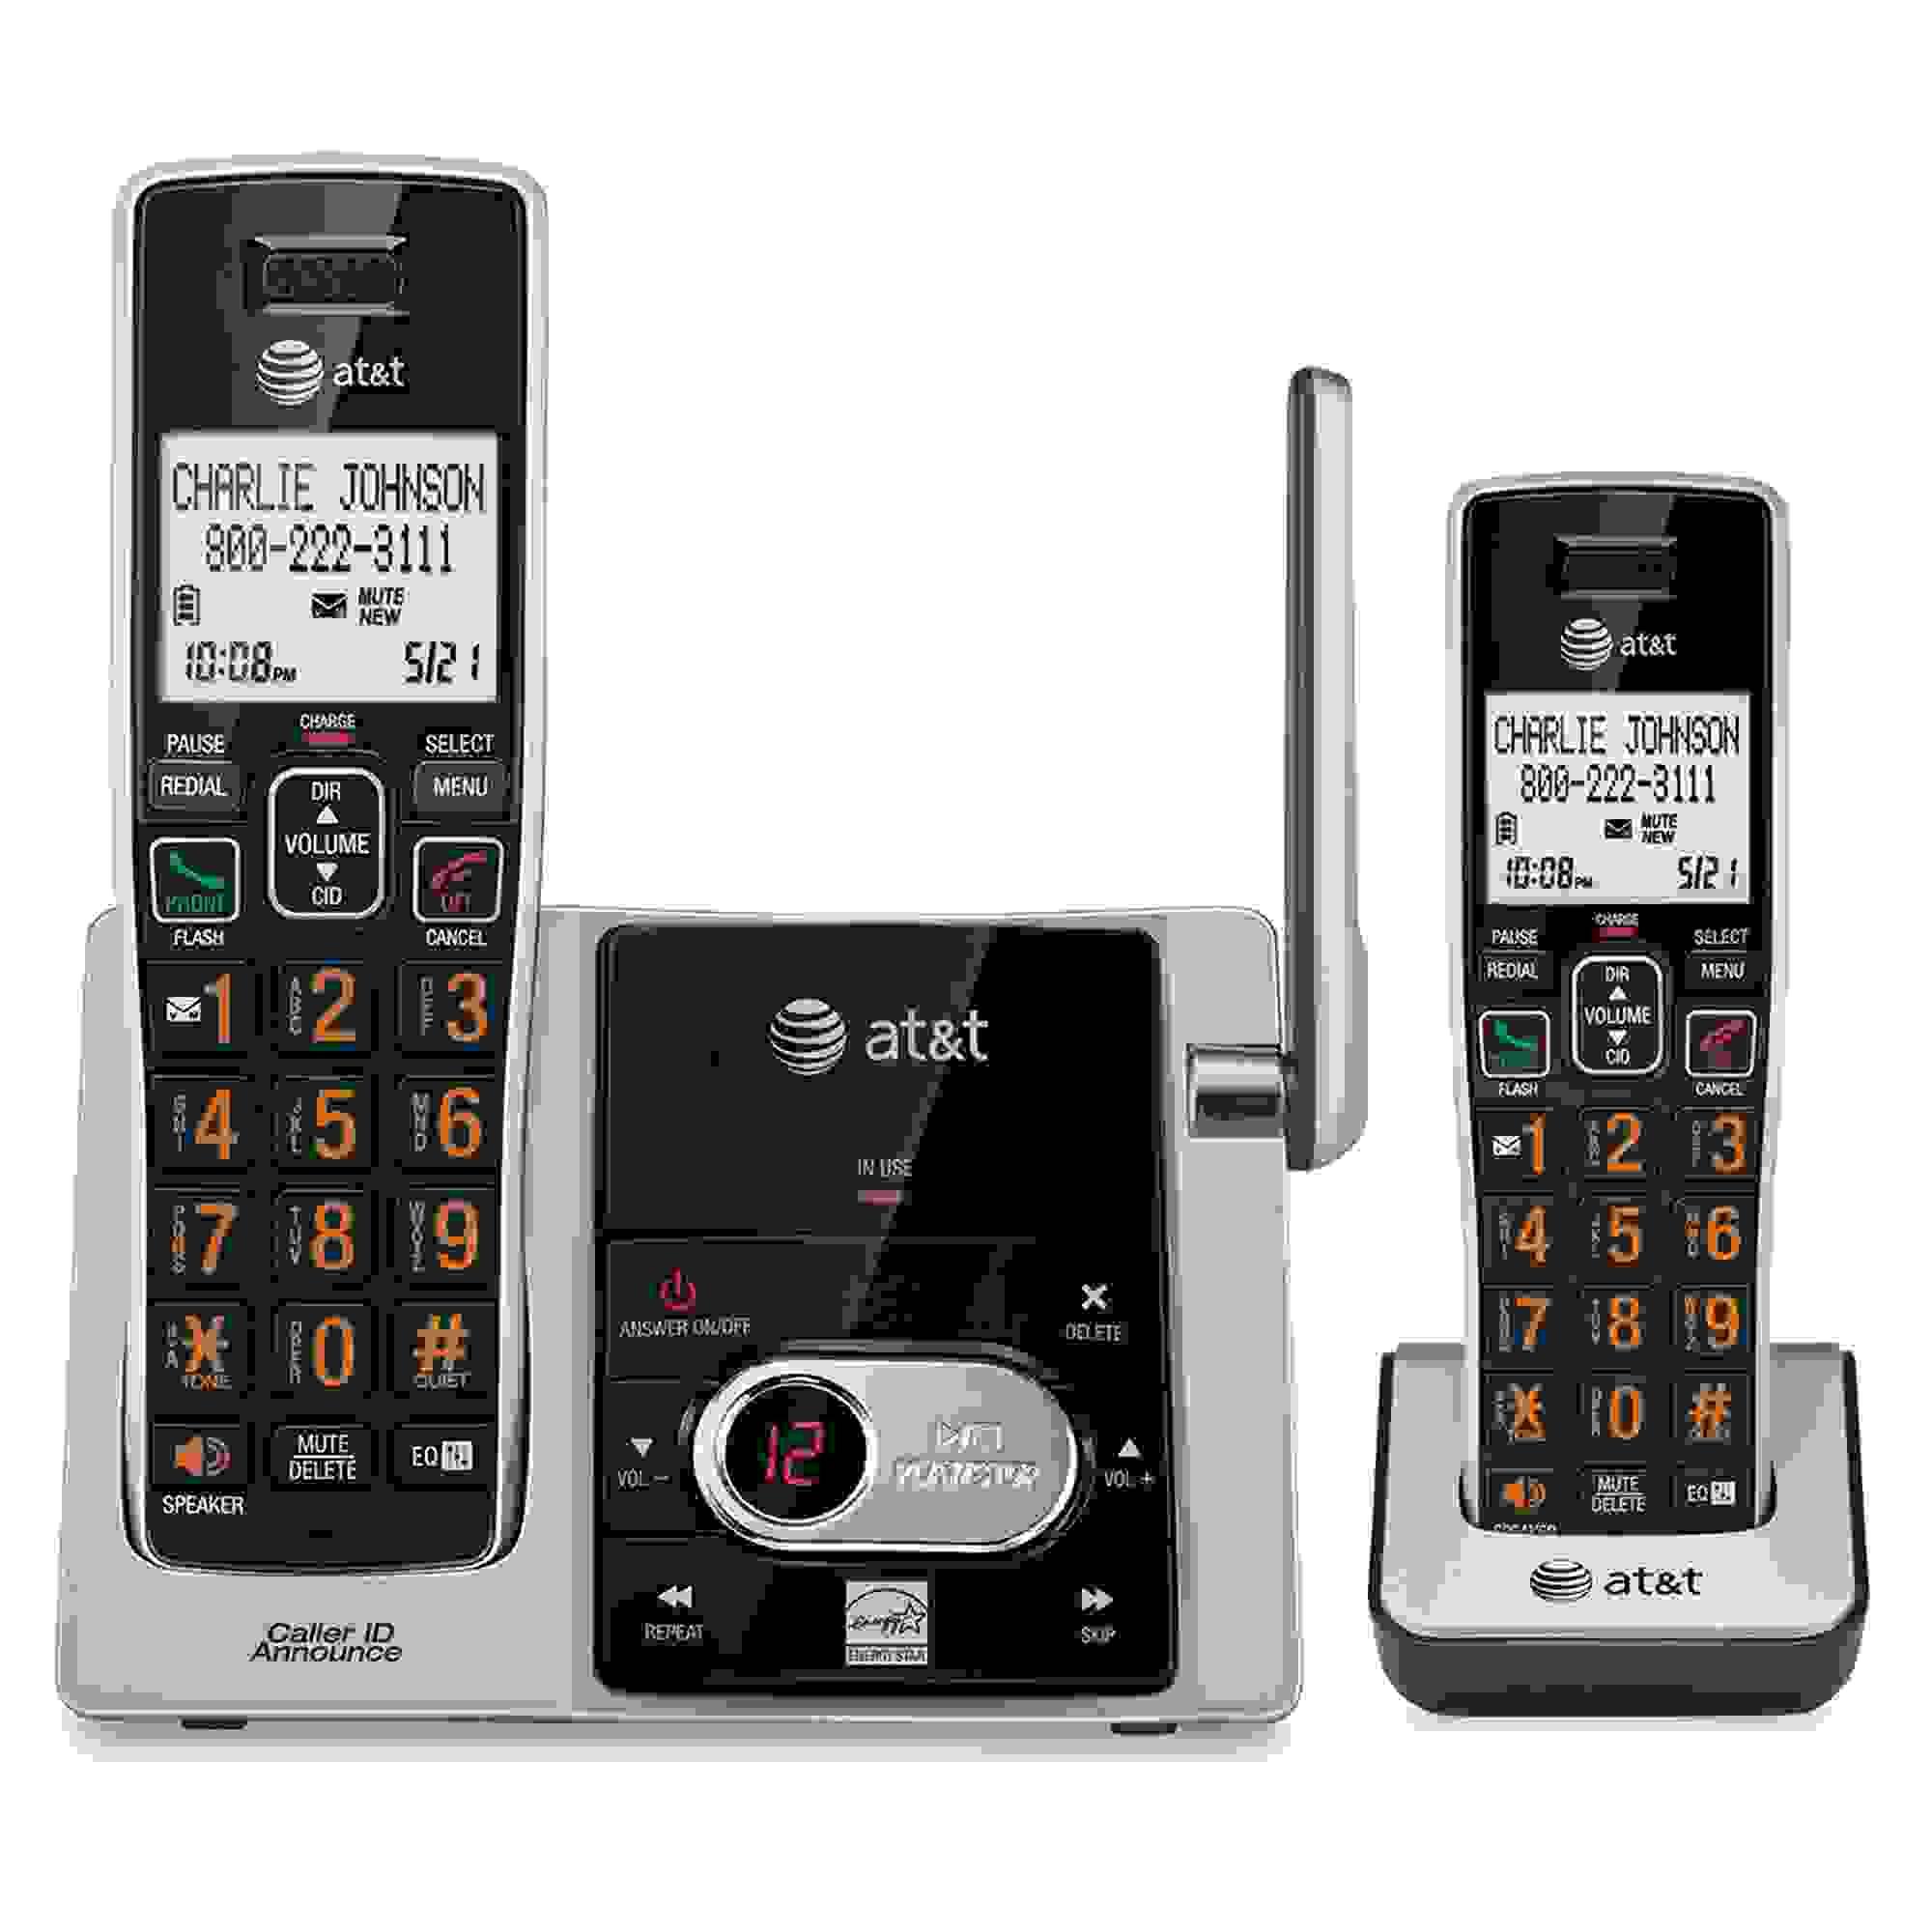 AT&T 2 HANDSET CORDLESS CAL-ID ANSWERING